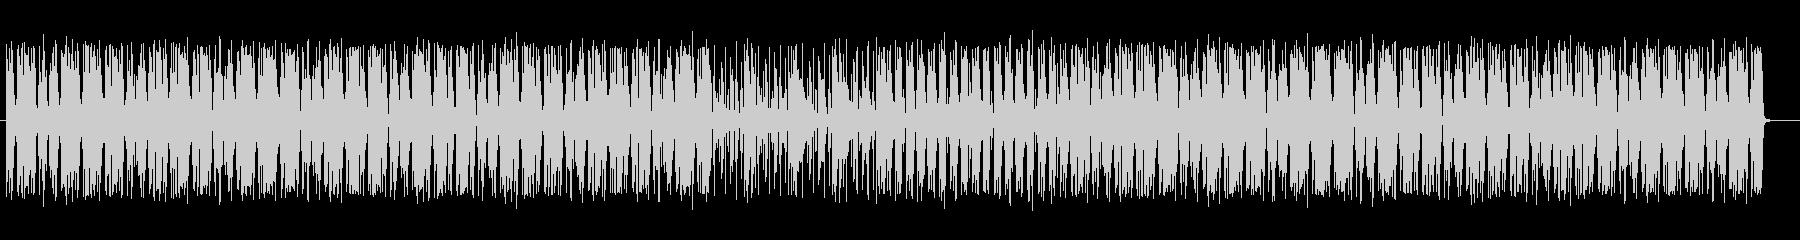 ドラムが際立つシャッフルビートの未再生の波形